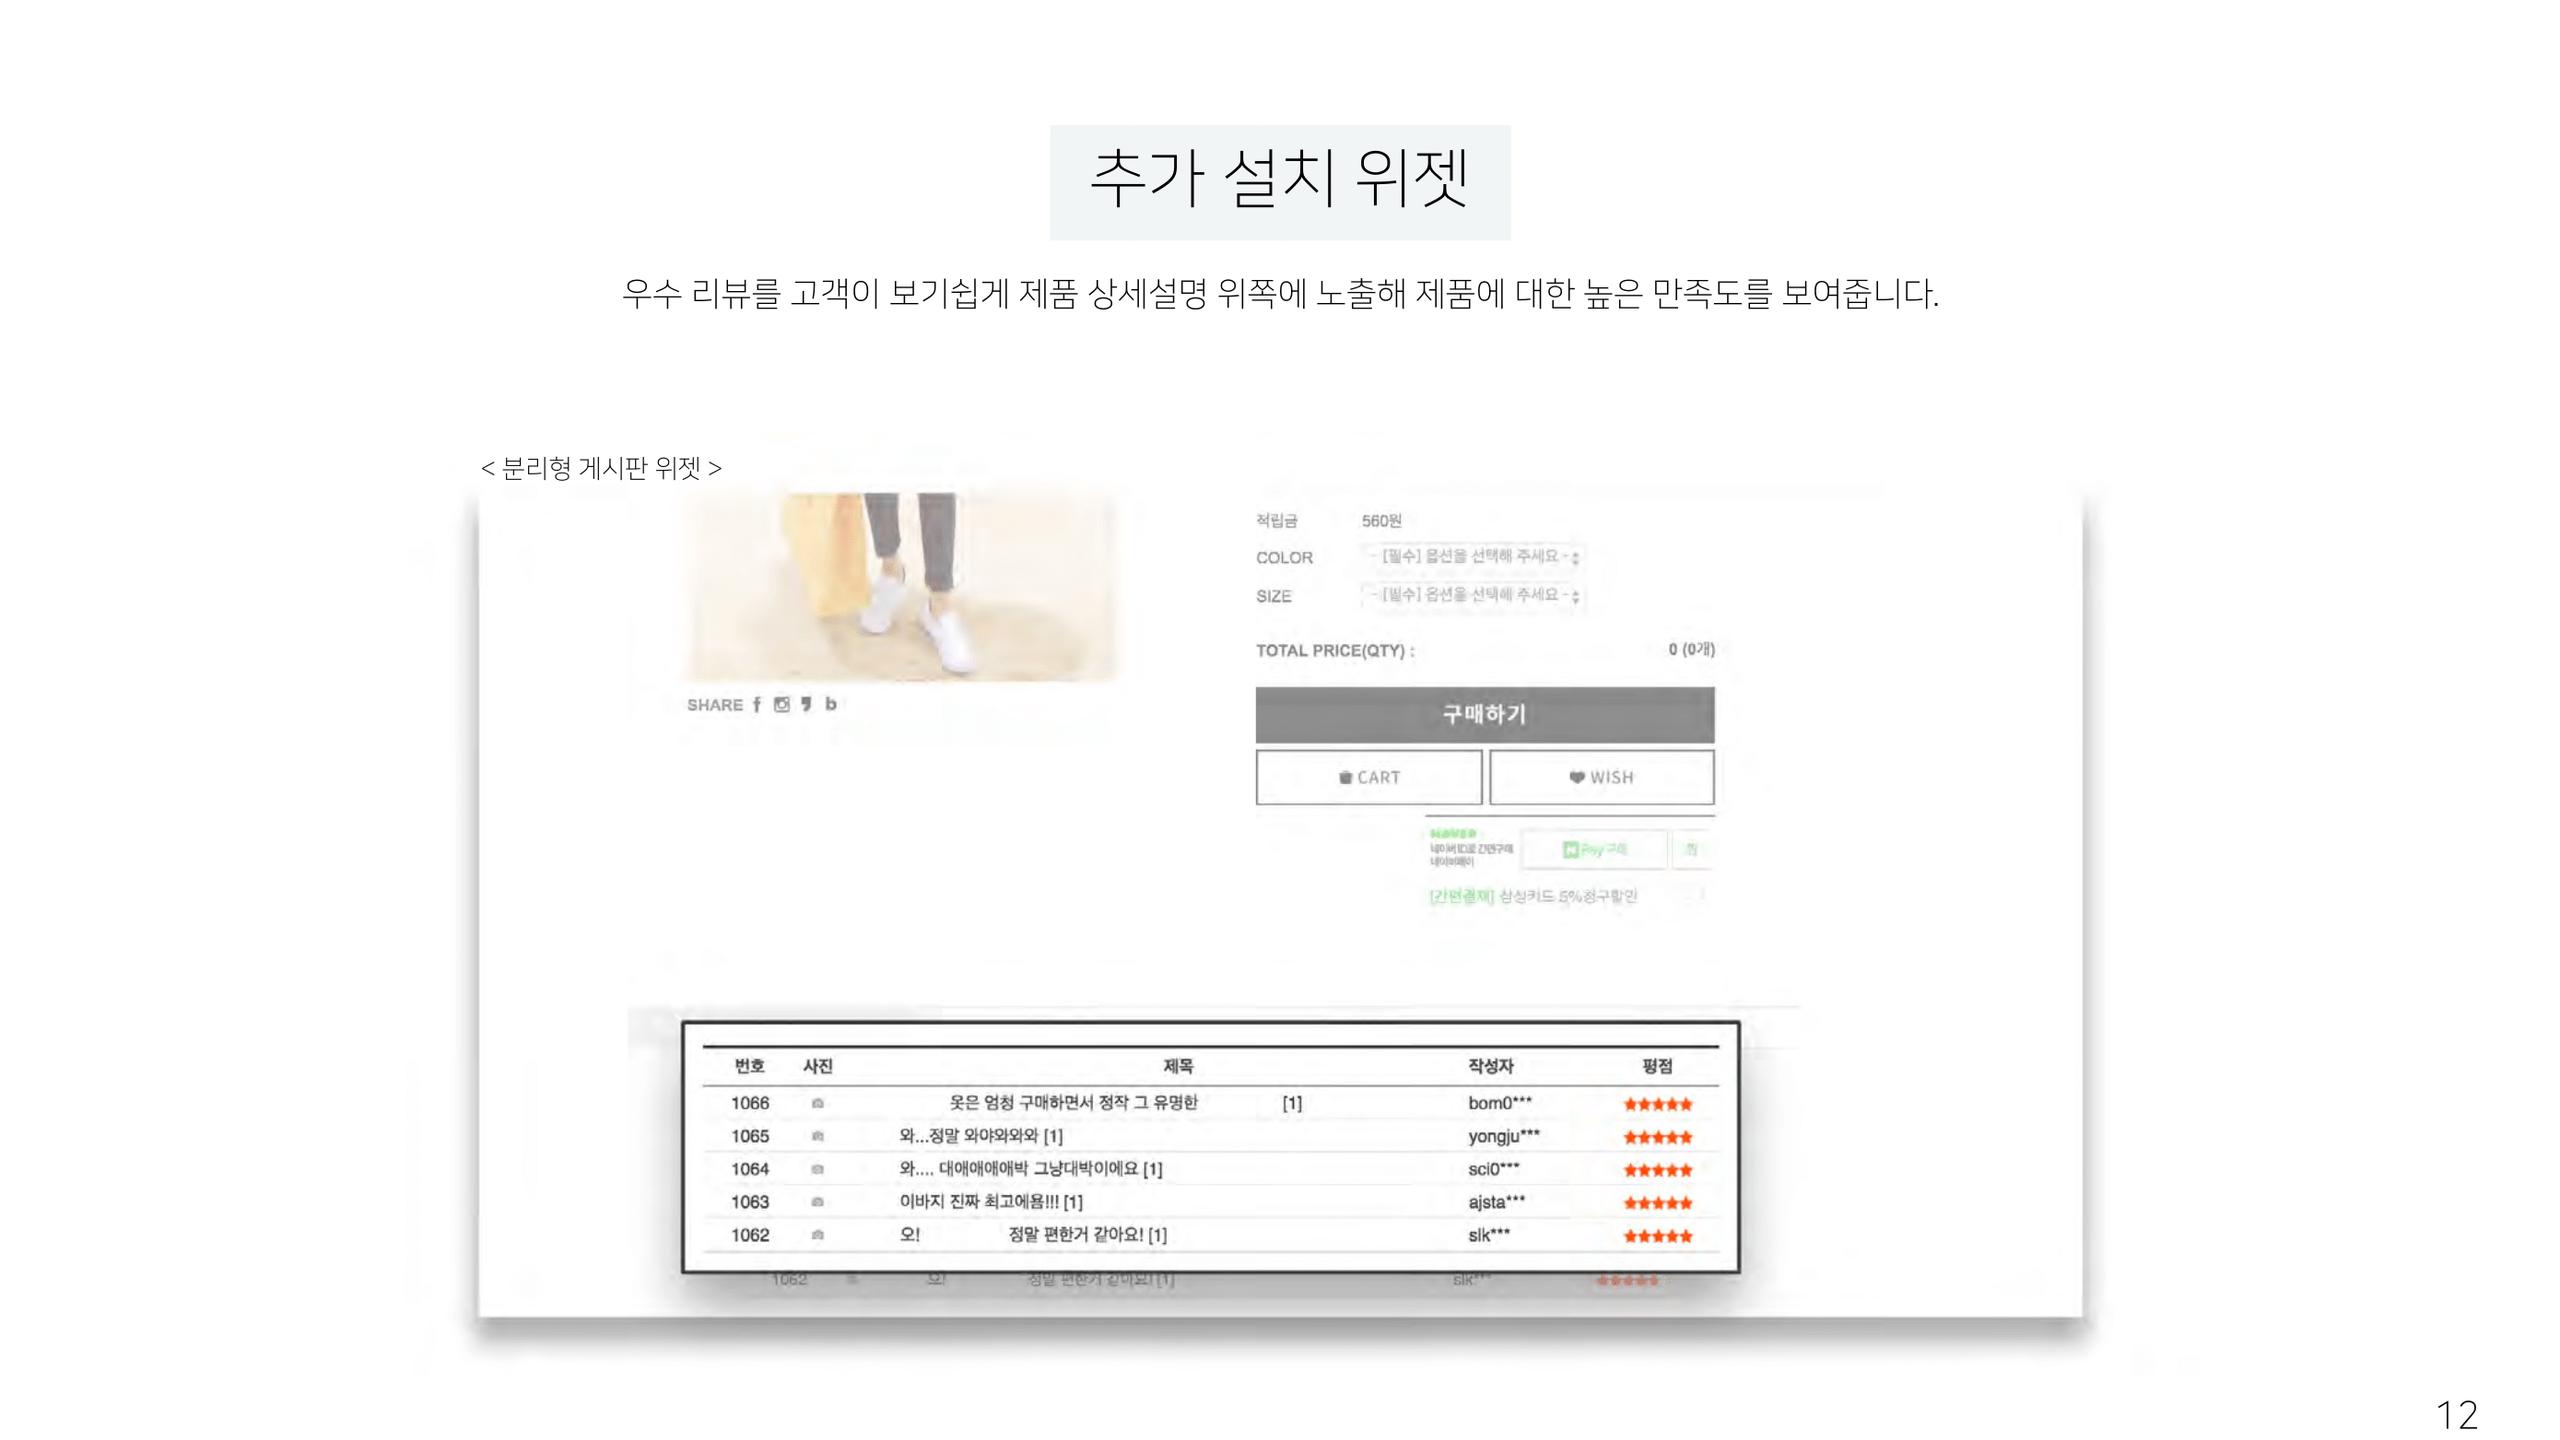 [CREMA] 크리마 리뷰 서비스 소개서_20191003-13